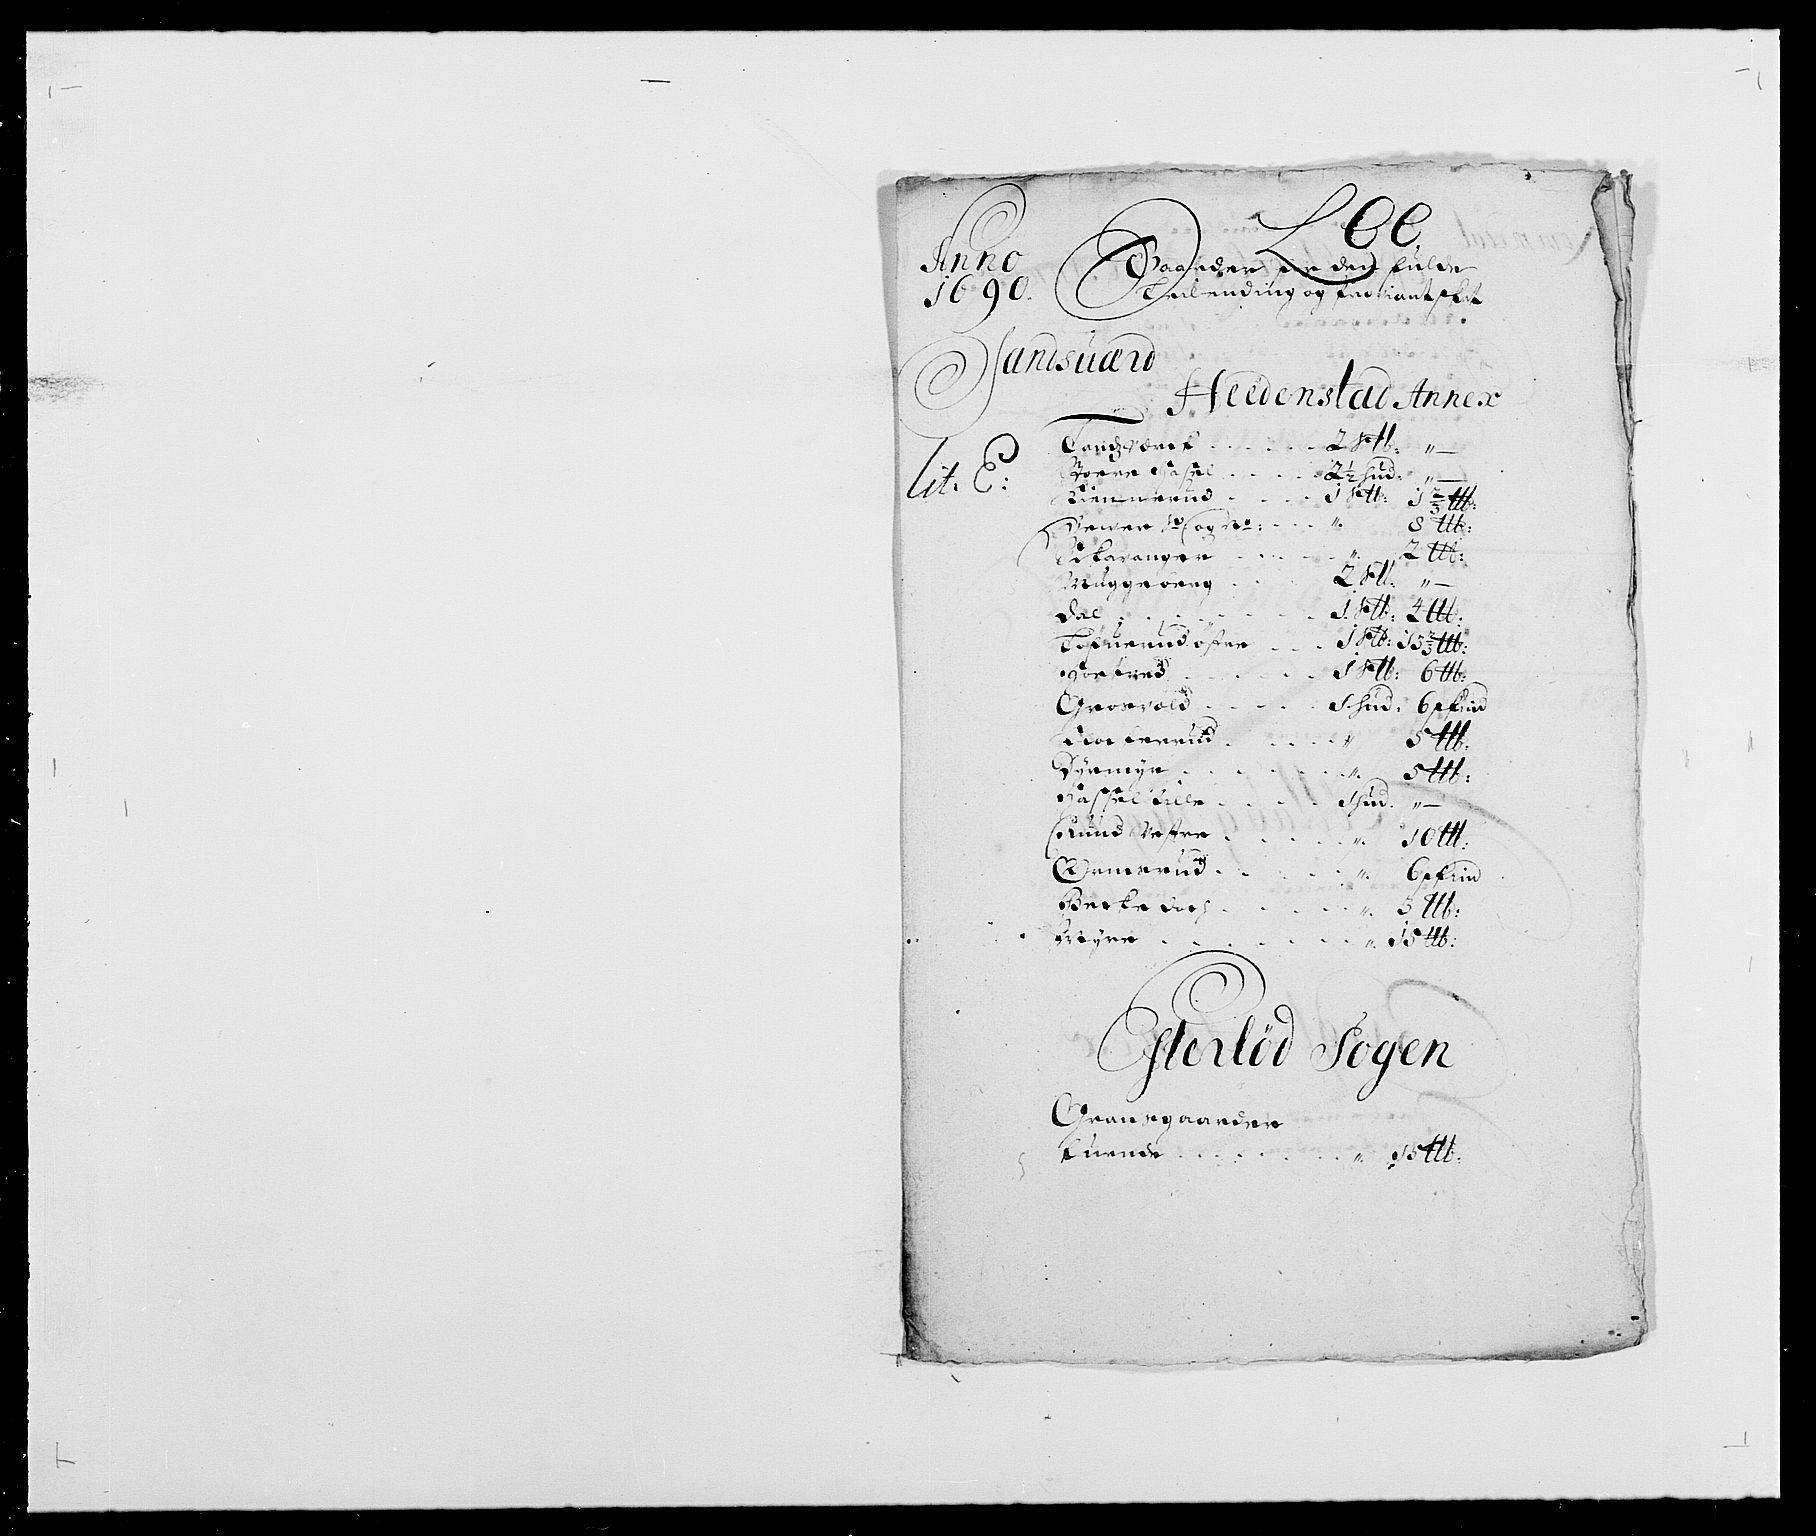 RA, Rentekammeret inntil 1814, Reviderte regnskaper, Fogderegnskap, R24/L1573: Fogderegnskap Numedal og Sandsvær, 1687-1691, s. 428